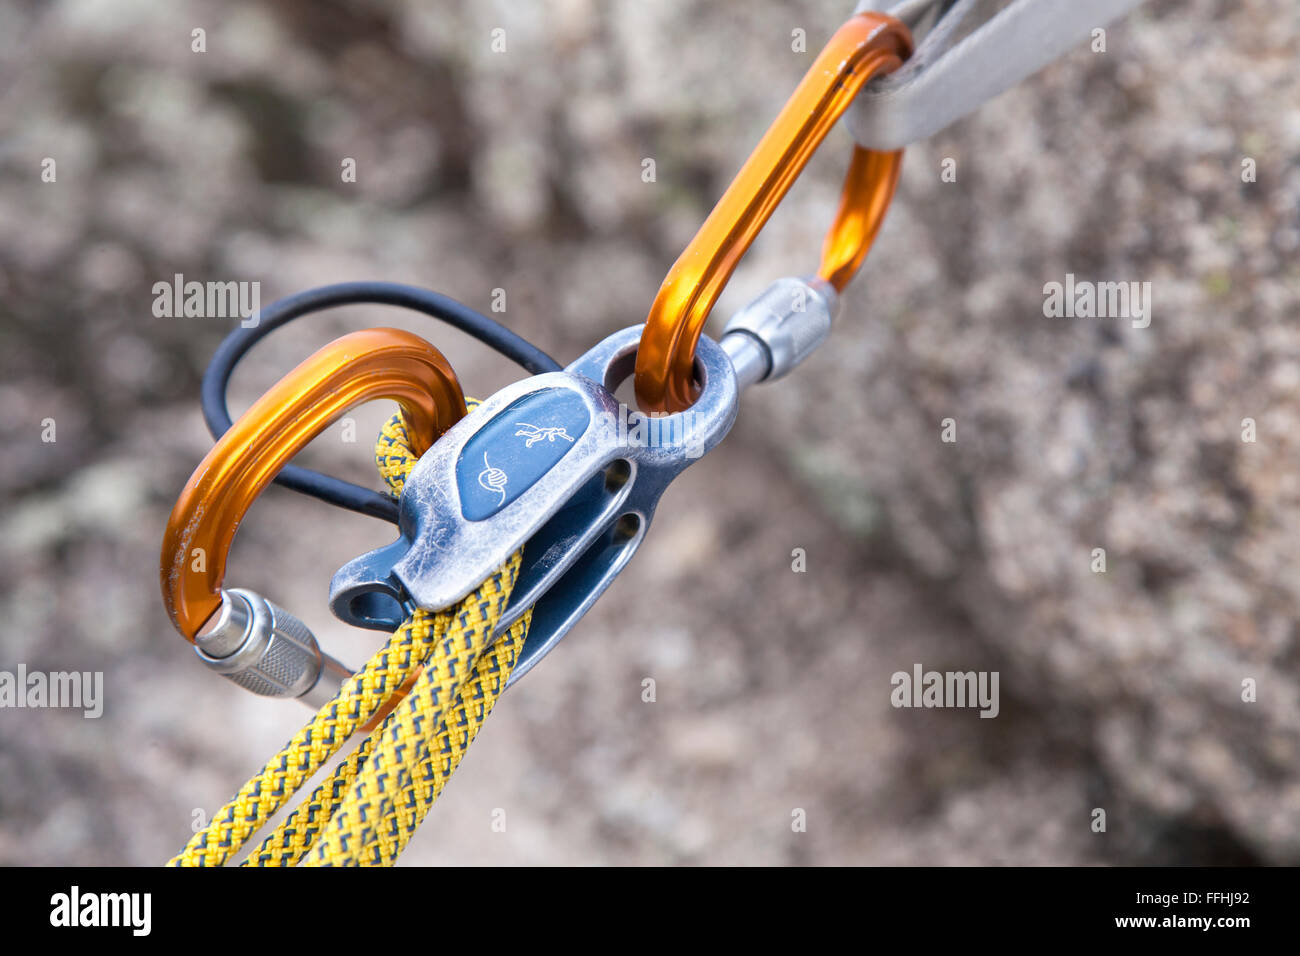 Kletterausrüstung : T kletterausrüstung von geoclimbing unboxing youtube